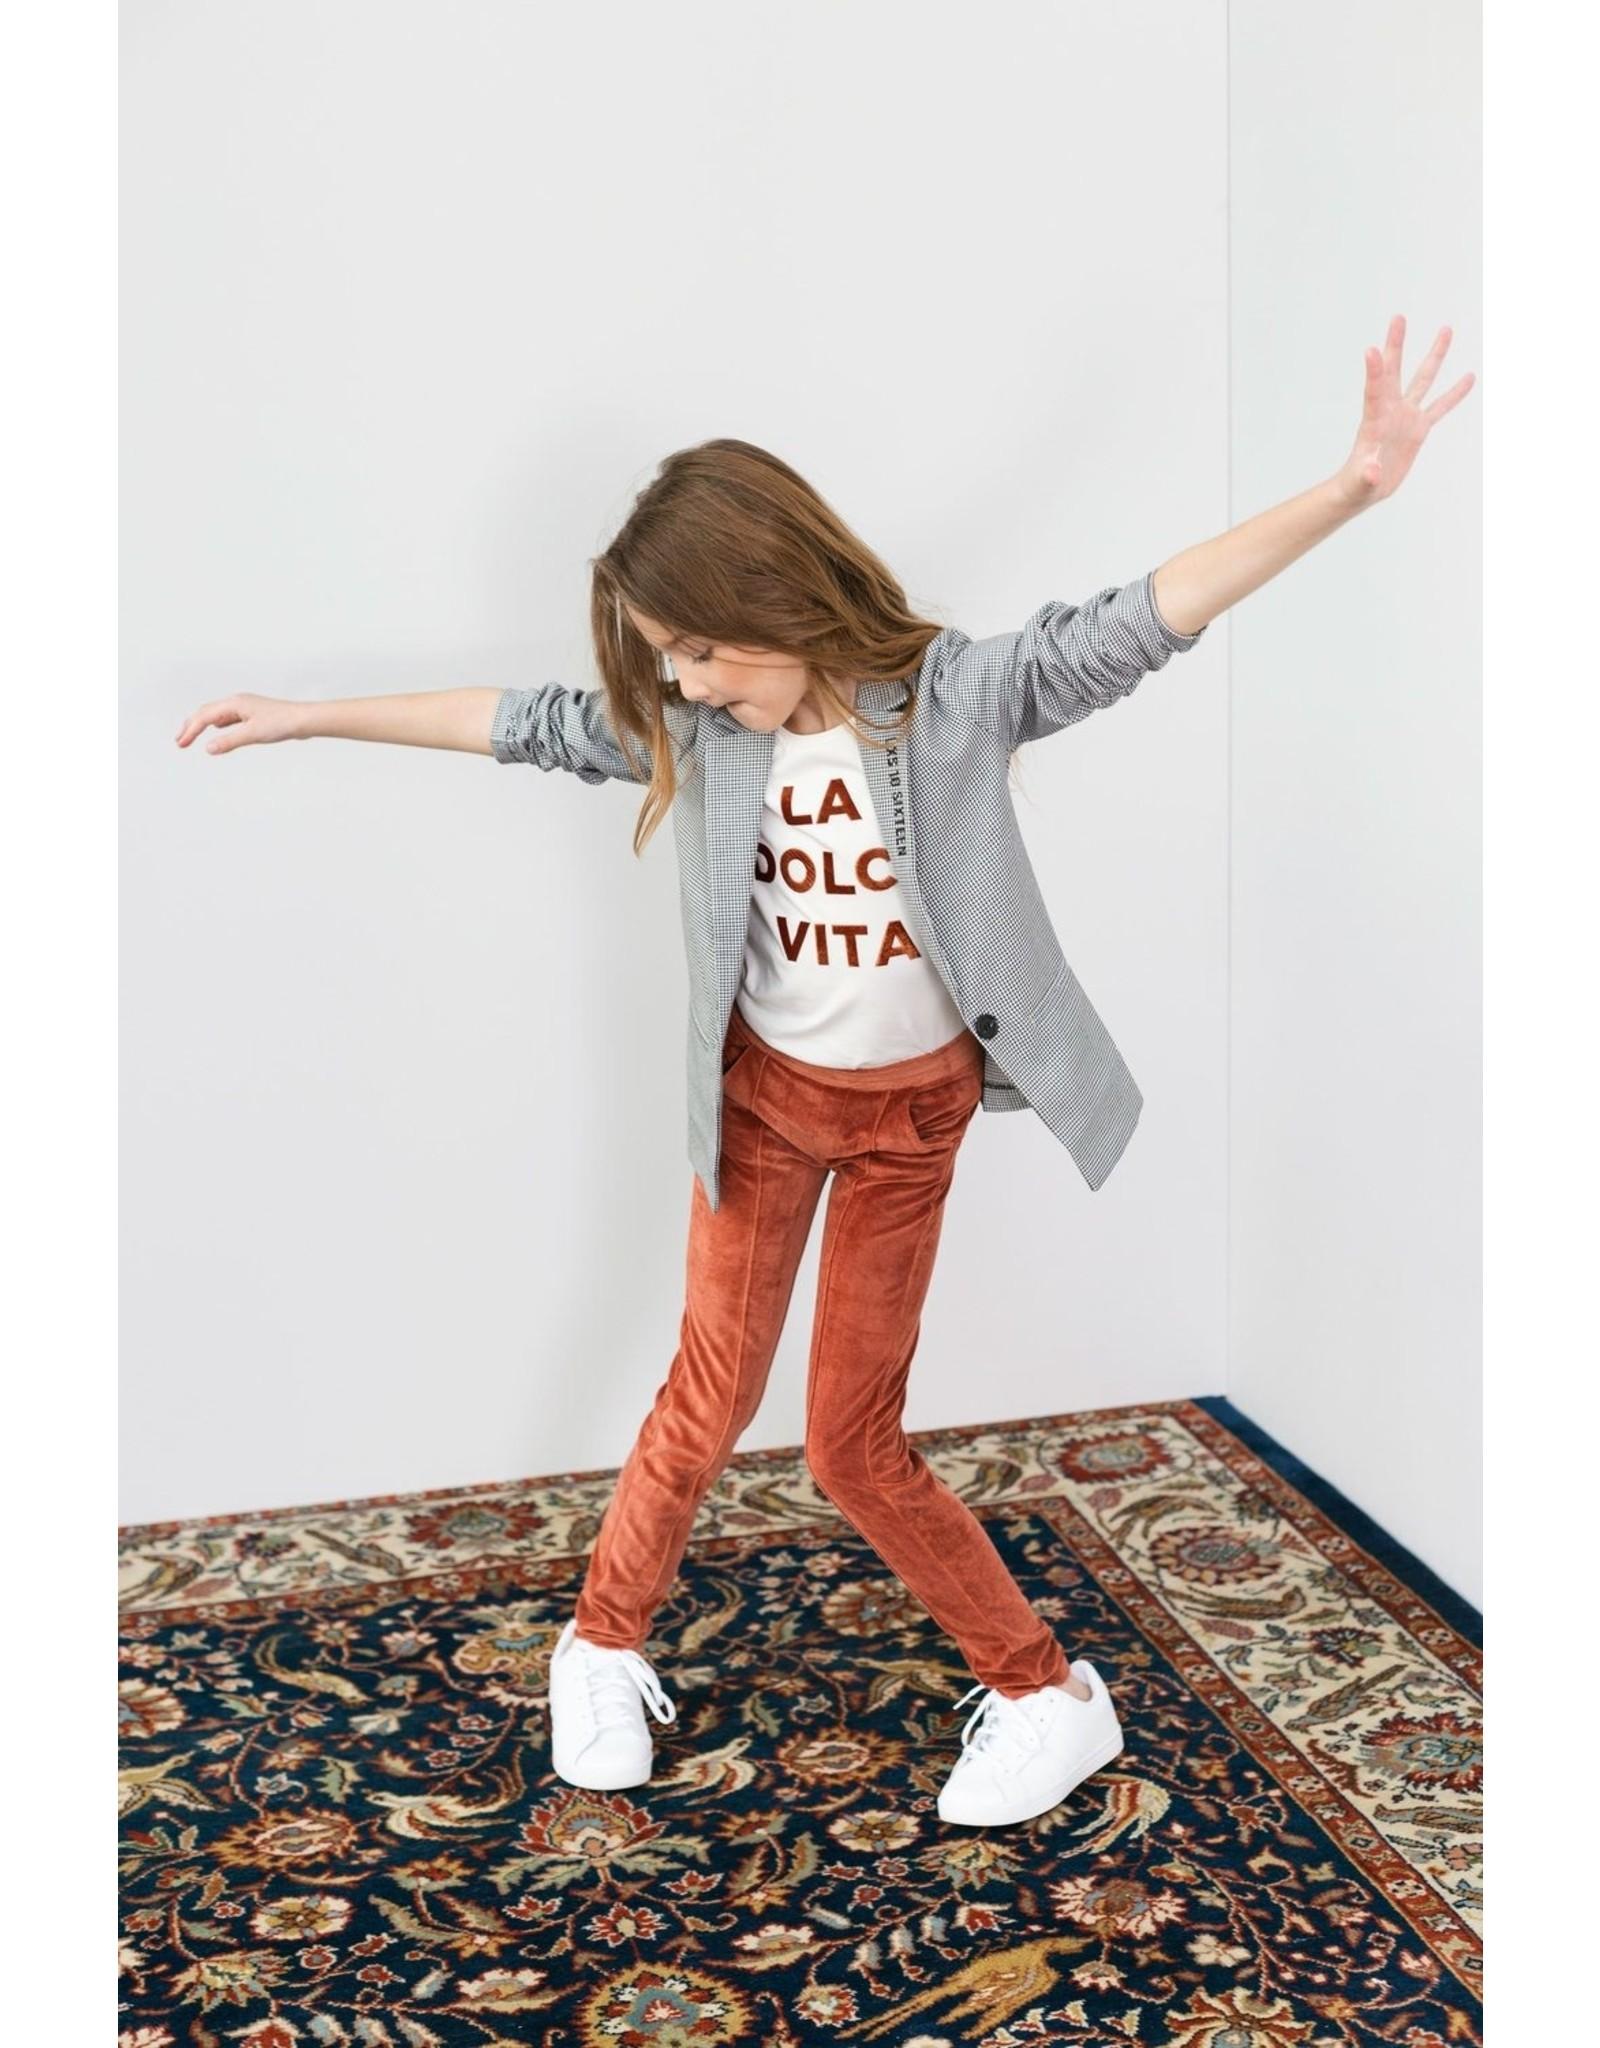 LOOXS 10sixteen Girls T-shirt s/s Chalk